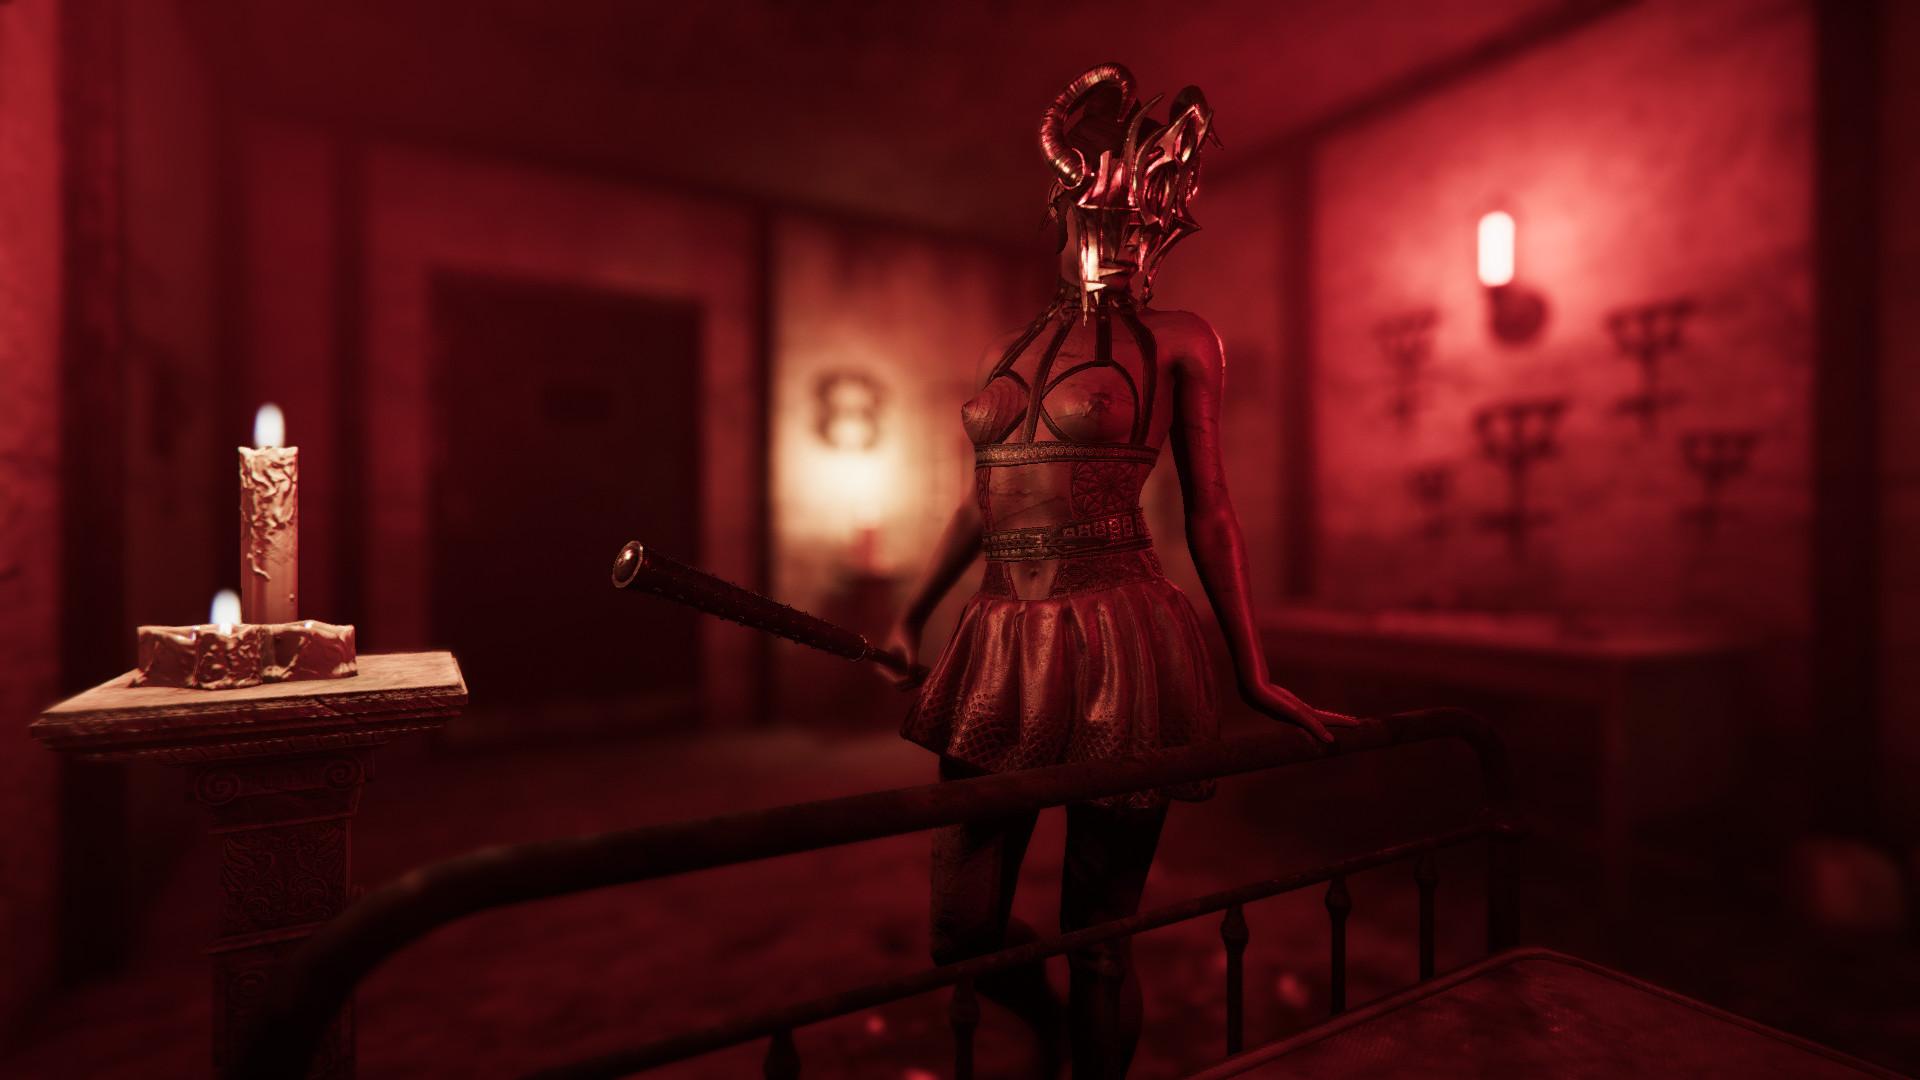 Rhea con un bate en una sala de tortura.